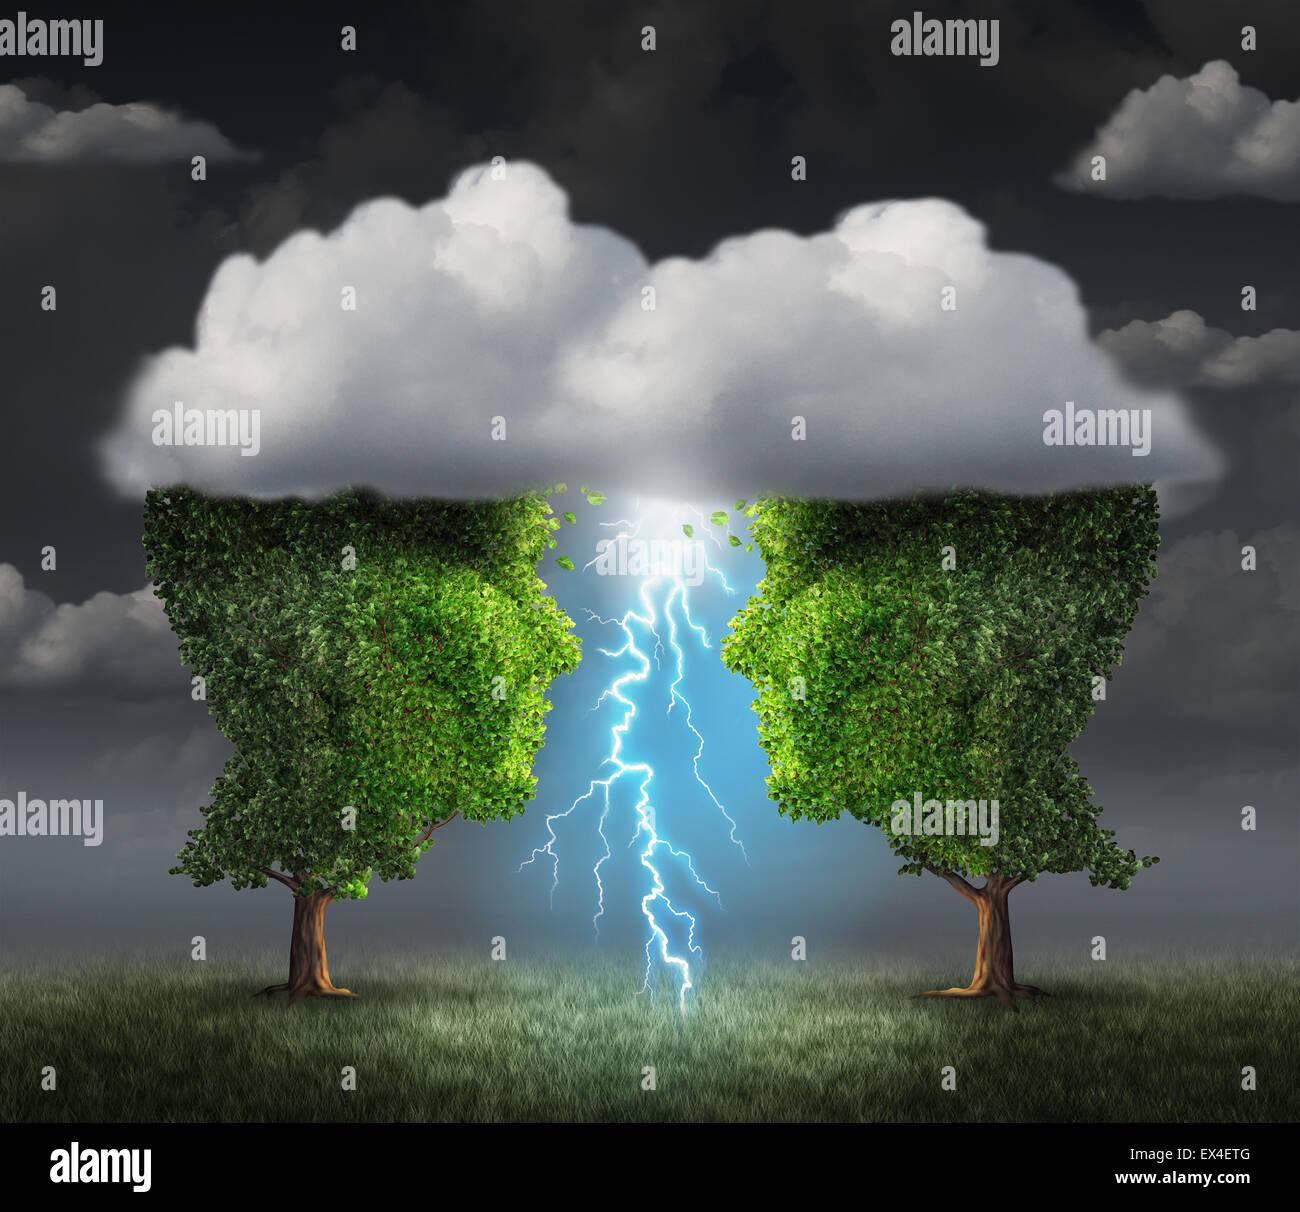 Chispa de negocios idea concepto como dos árboles con forma de cabeza bajo una nube de tormenta creando un Imagen De Stock